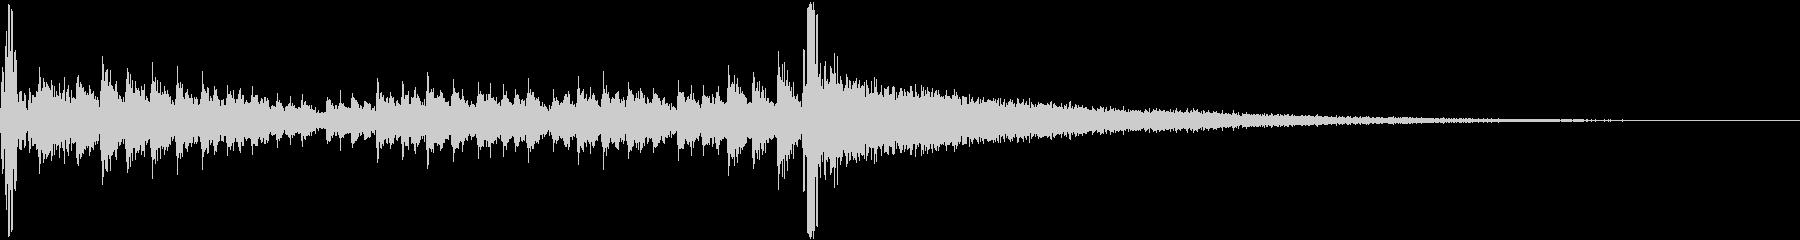 使いやすい一般的なドラムロール 2秒の未再生の波形